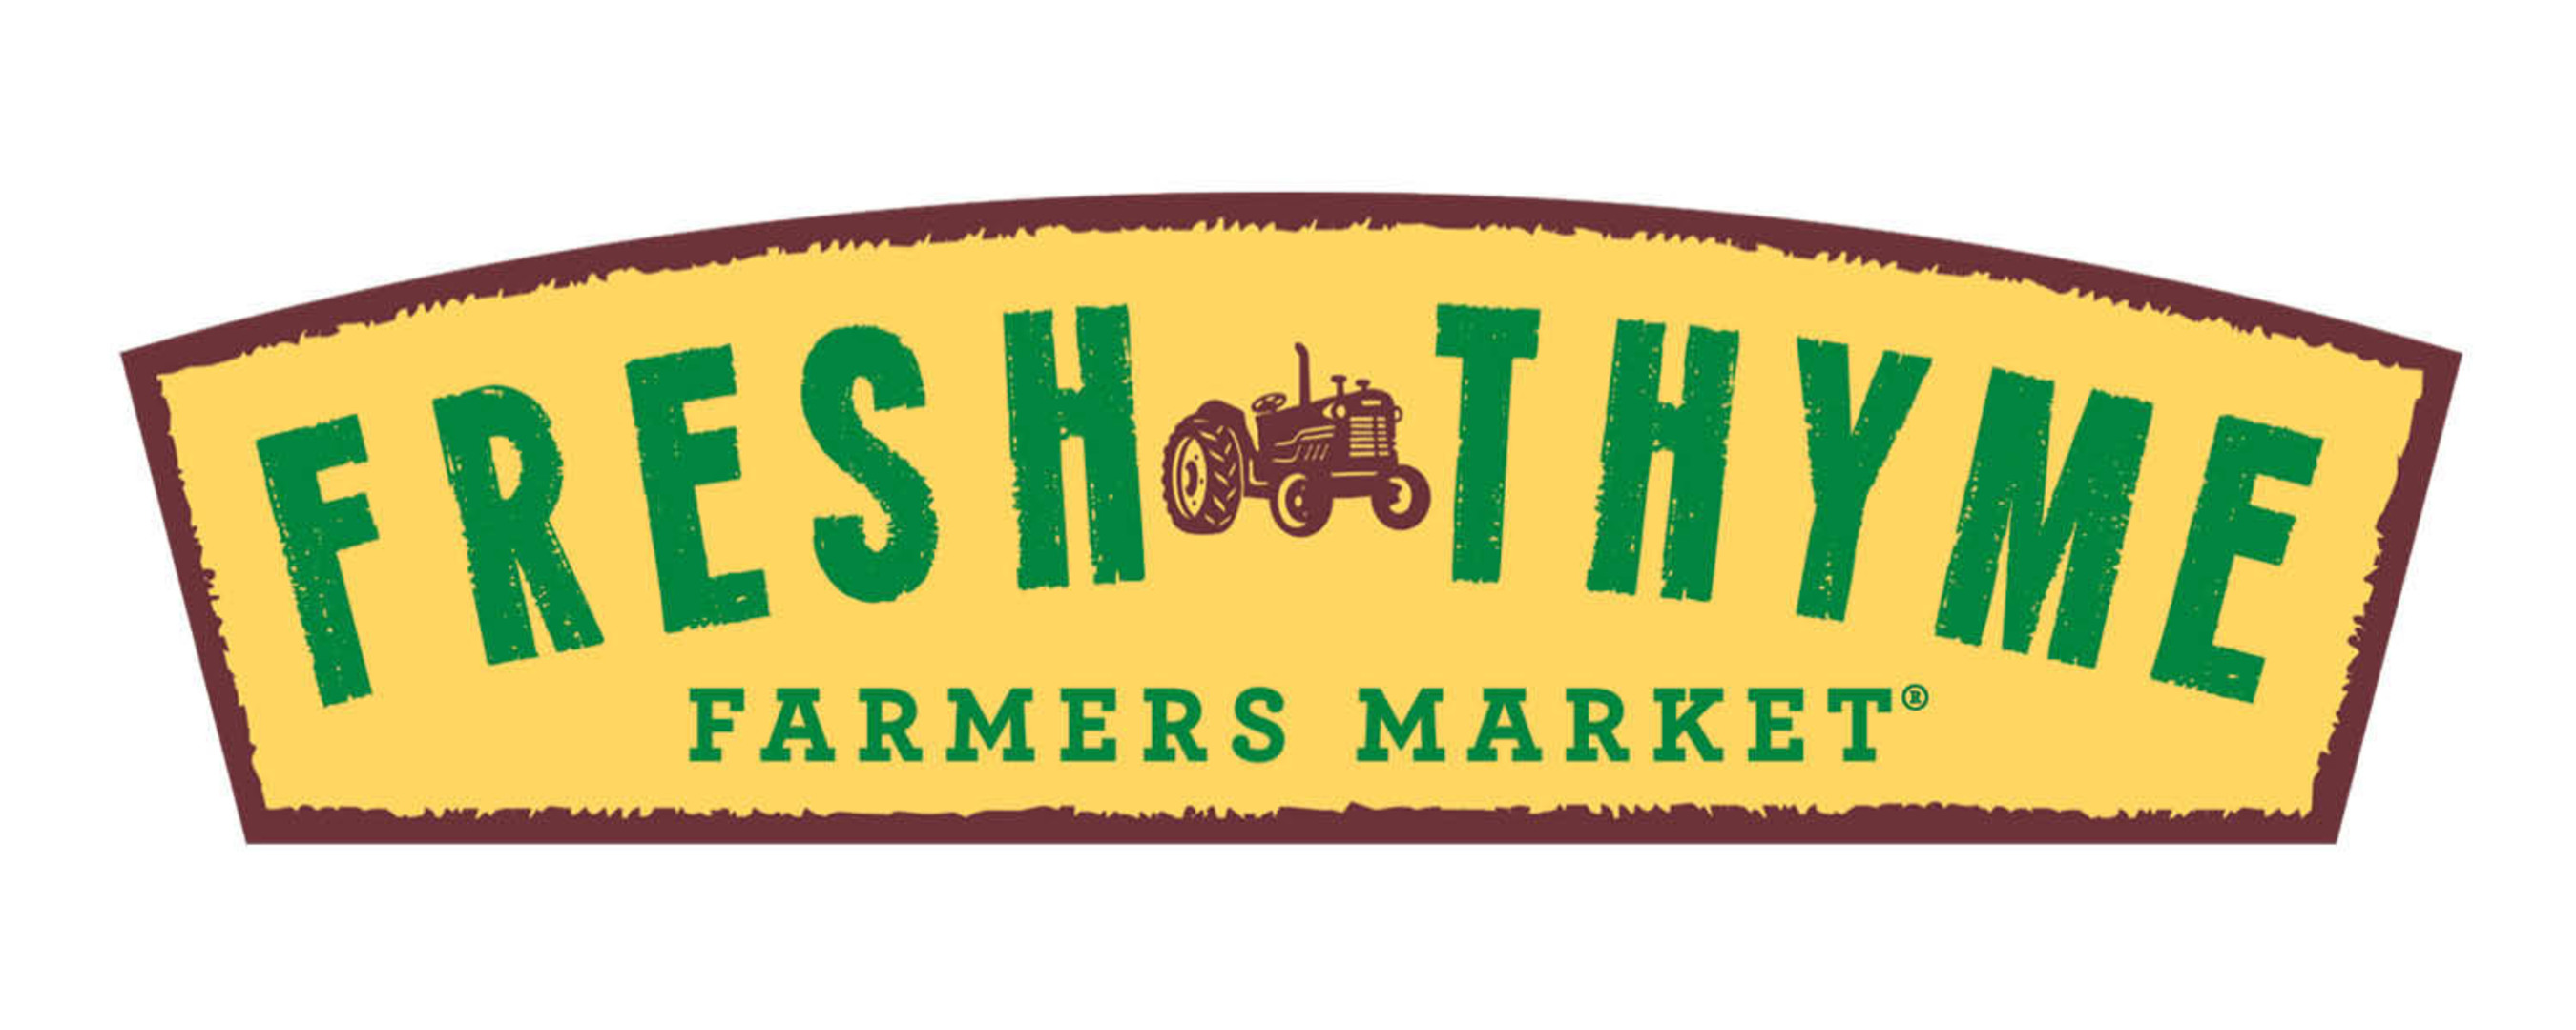 Fresh Thyme Farmers Markets logo. (PRNewsFoto/Fresh Thyme Farmers Markets)